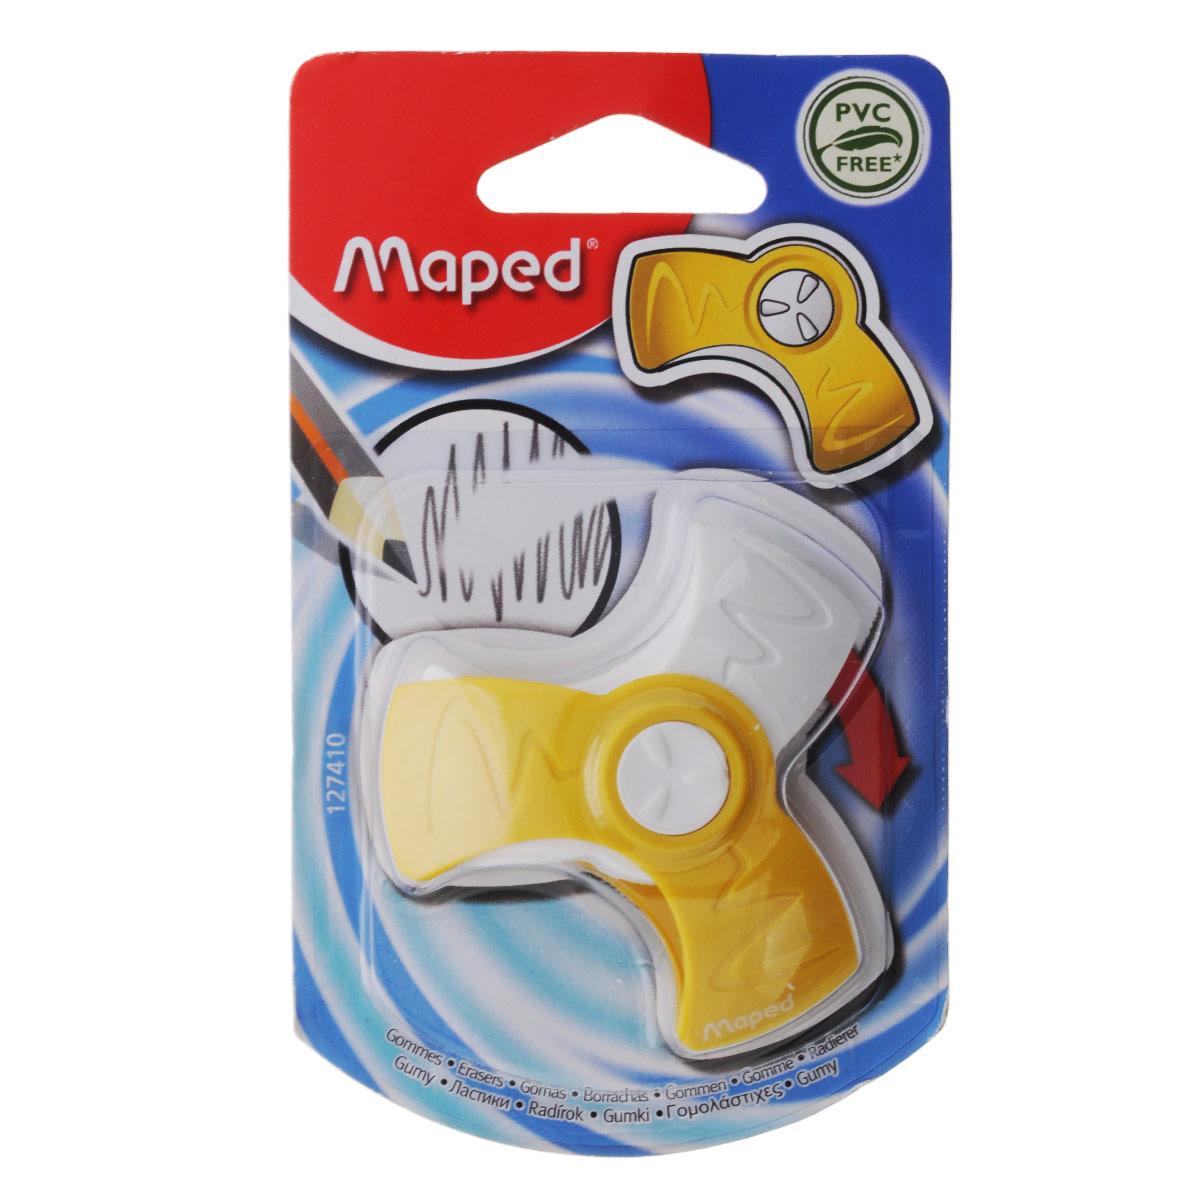 Ластик Maped Spin, цвет: желтый127410_желтыйОригинальный ластик Spin в поворотном защитном футляре из пластика легко удаляет следы чернографитных карандашей, а футляр защищает ластик от загрязнений и увеличивает его срок службы. Не содержит ПВХ.